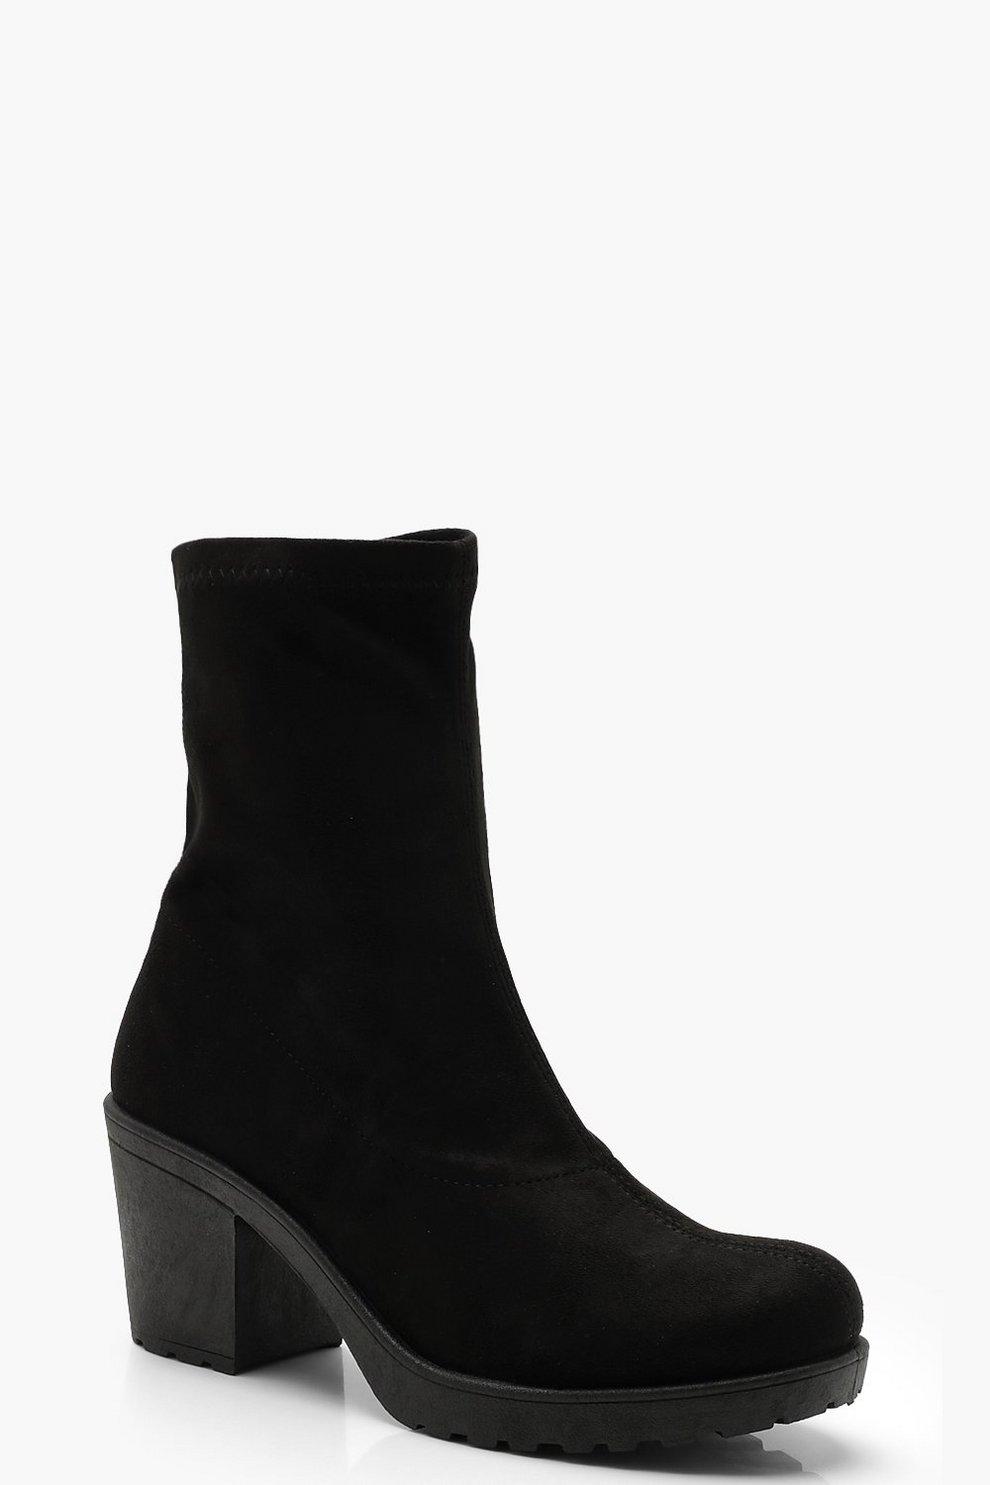 Botines estilo calcetines con suela de tacos  6bd91d8f59048